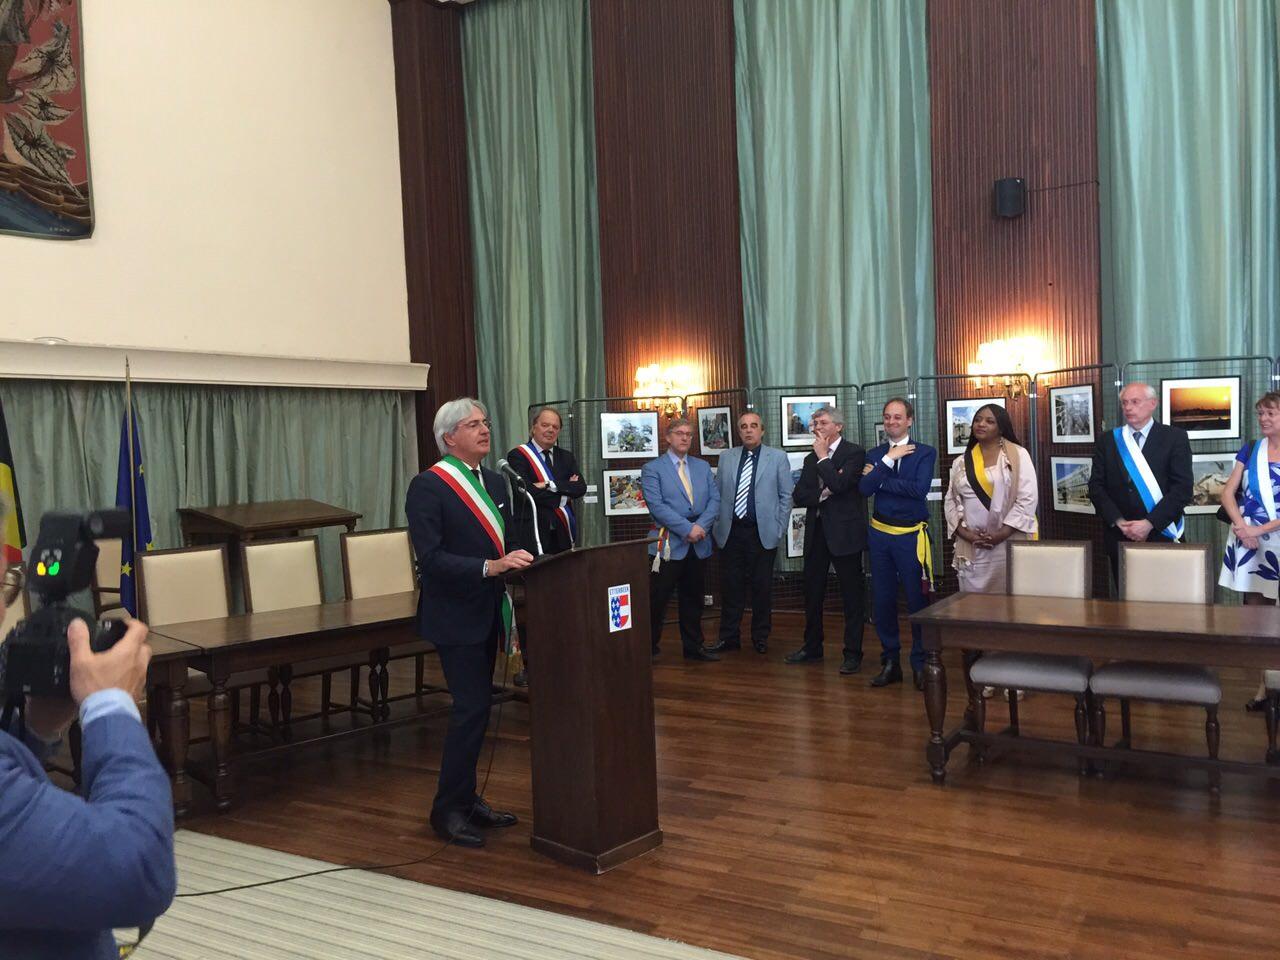 Il sindaco Buratti ad Etterbeek per inaugurare una  mostra su Forte dei Marmi